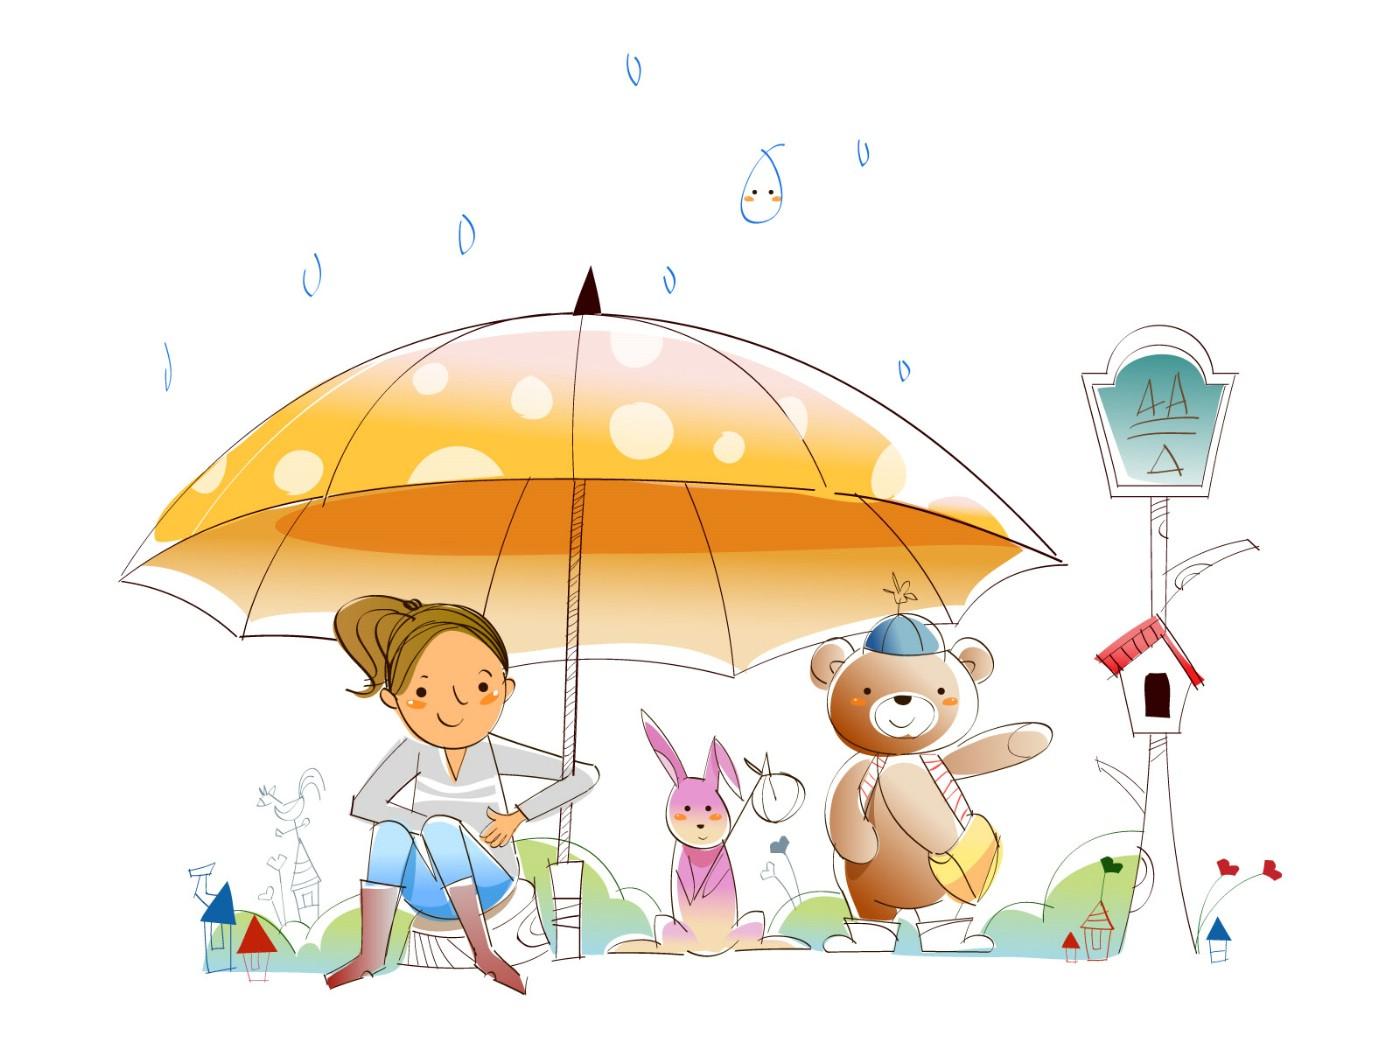 卡通雨伞图片卡通雨伞简笔画图片